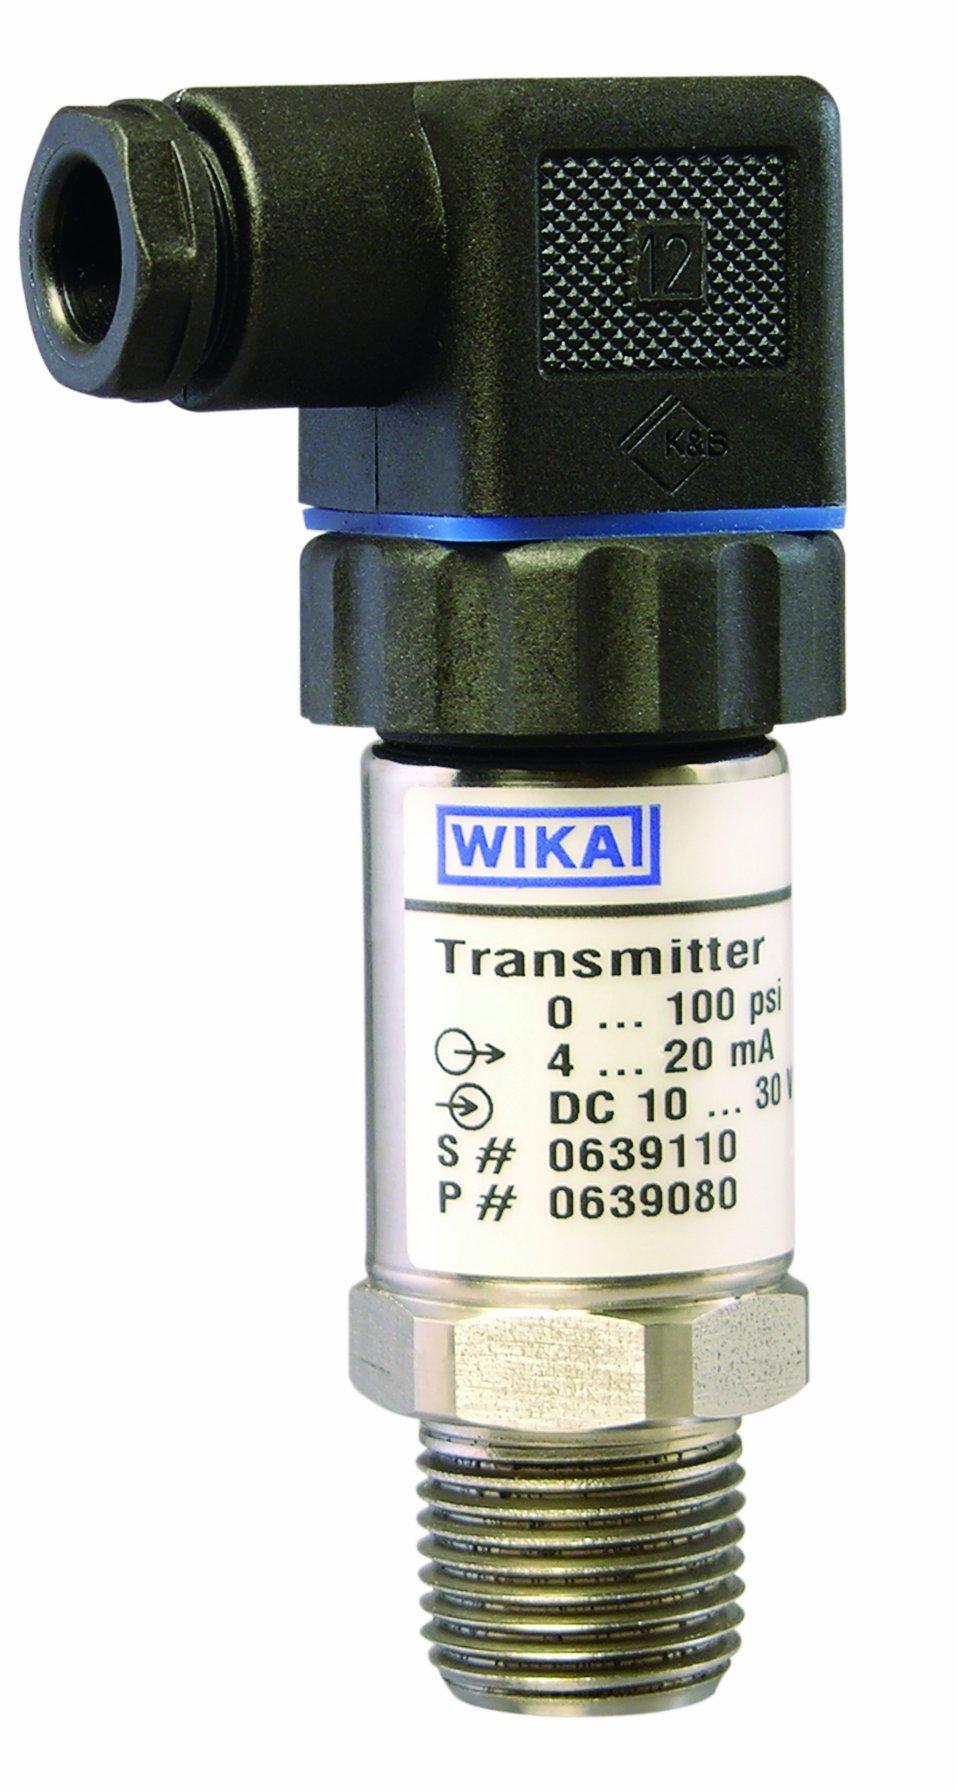 WIKA 8341481 General Purpose Pressure